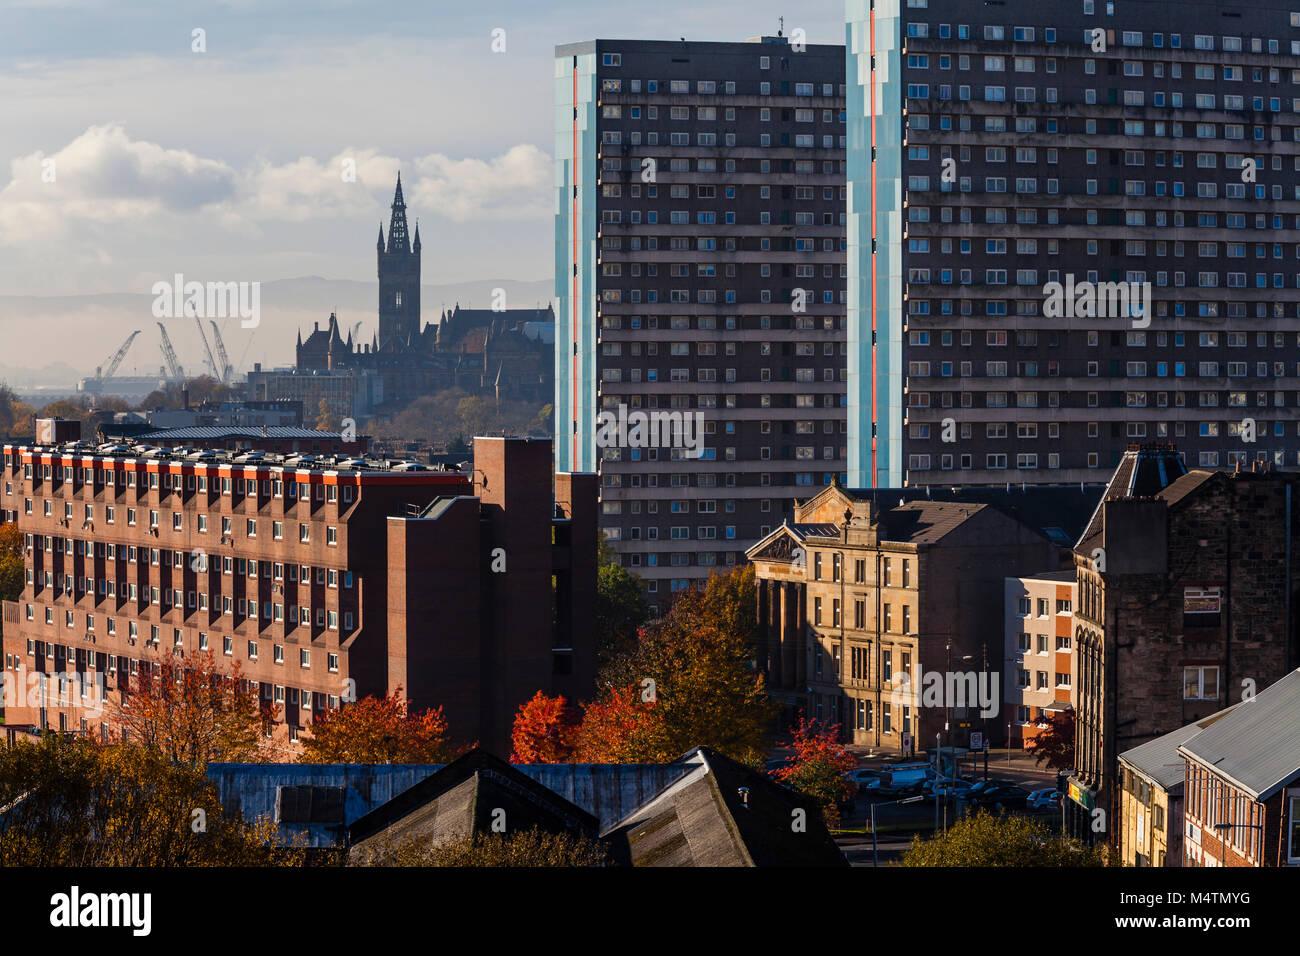 Vue sur les gratte-ciel de Glasgow avec vue sur les logements sociaux vers le clocher de l'Université de Glasgow avec grues de chantier en arrière-plan, Écosse, Royaume-Uni Banque D'Images